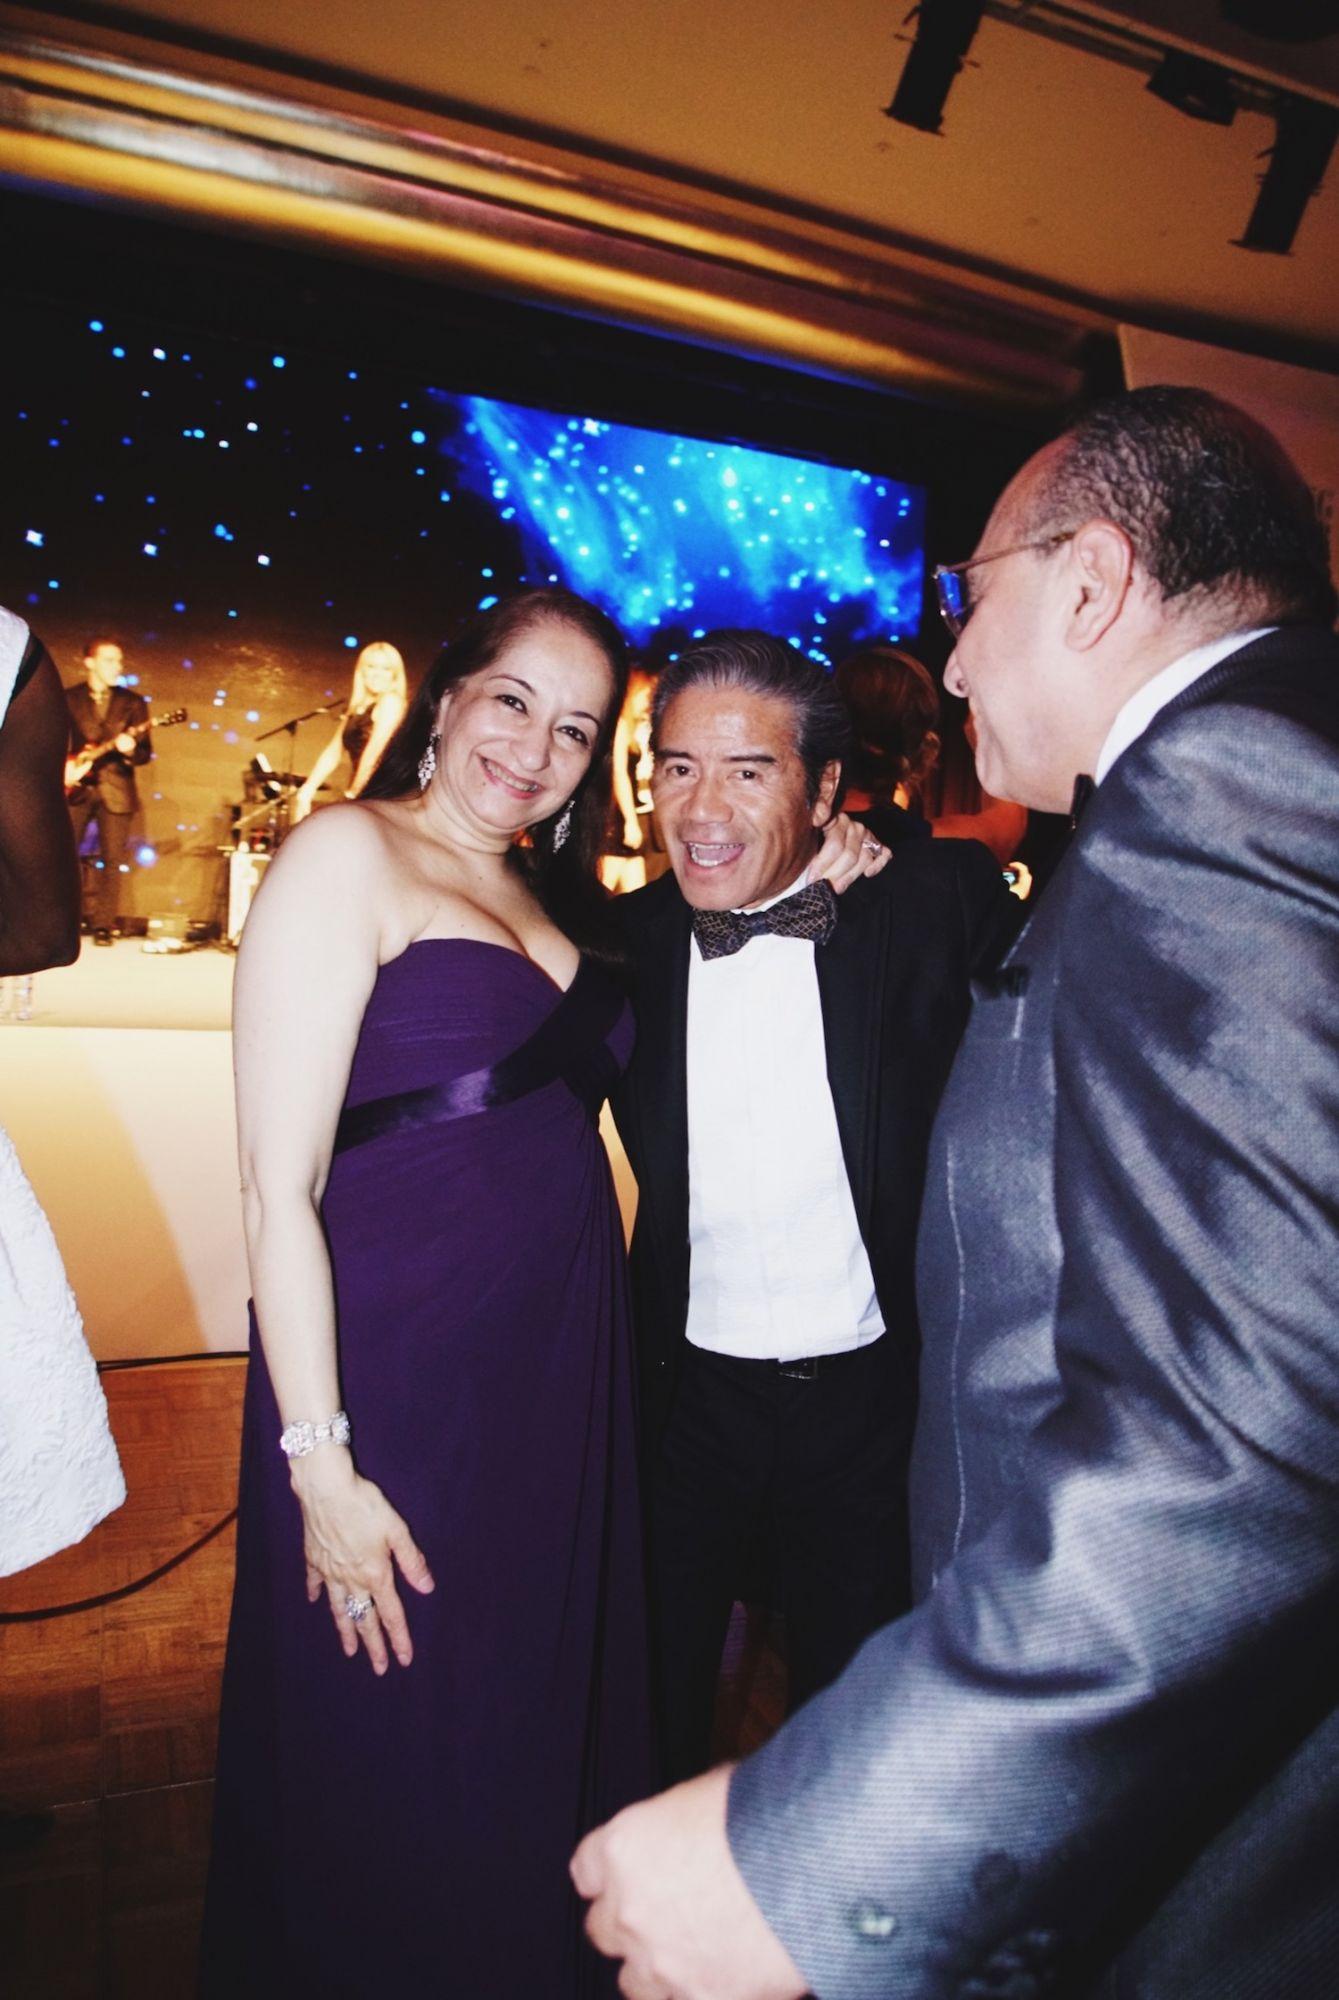 Chitra Chellaram, Tony Cruz and Manolo Chellaram